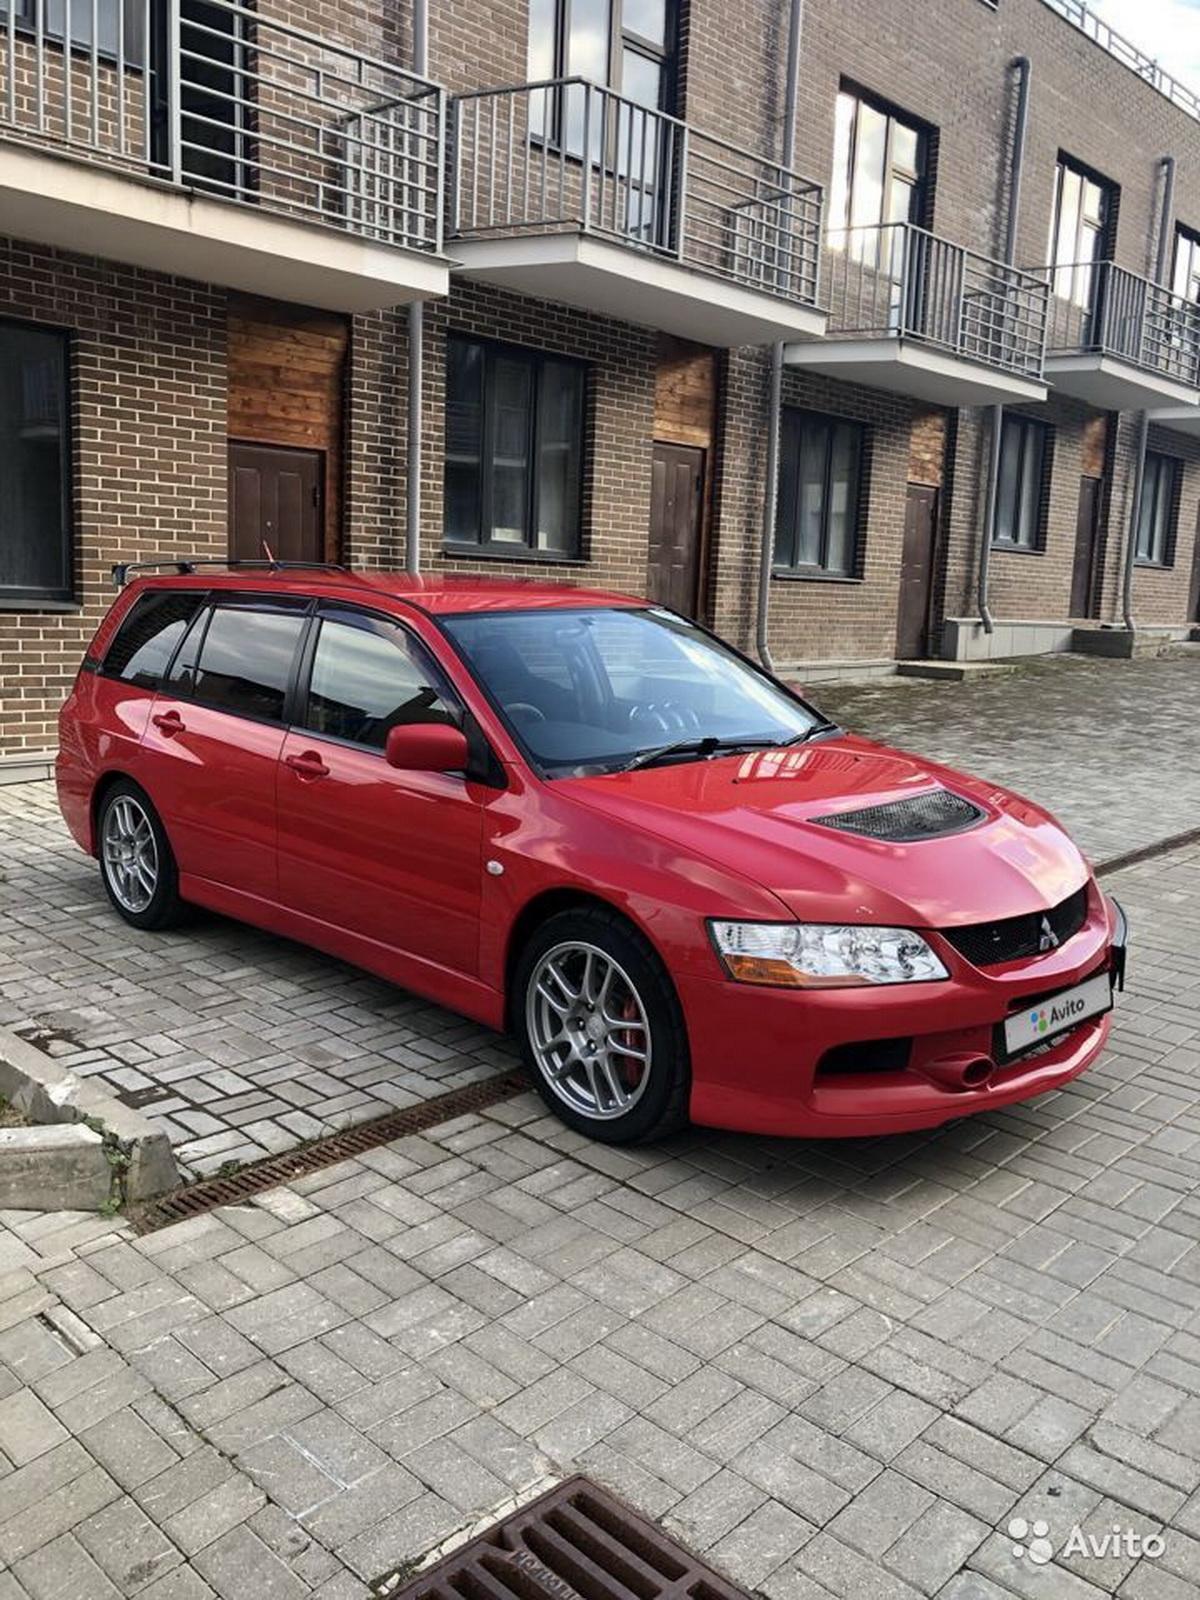 Mitsubishi_Lancer_Evo_IX_Wagon_0000